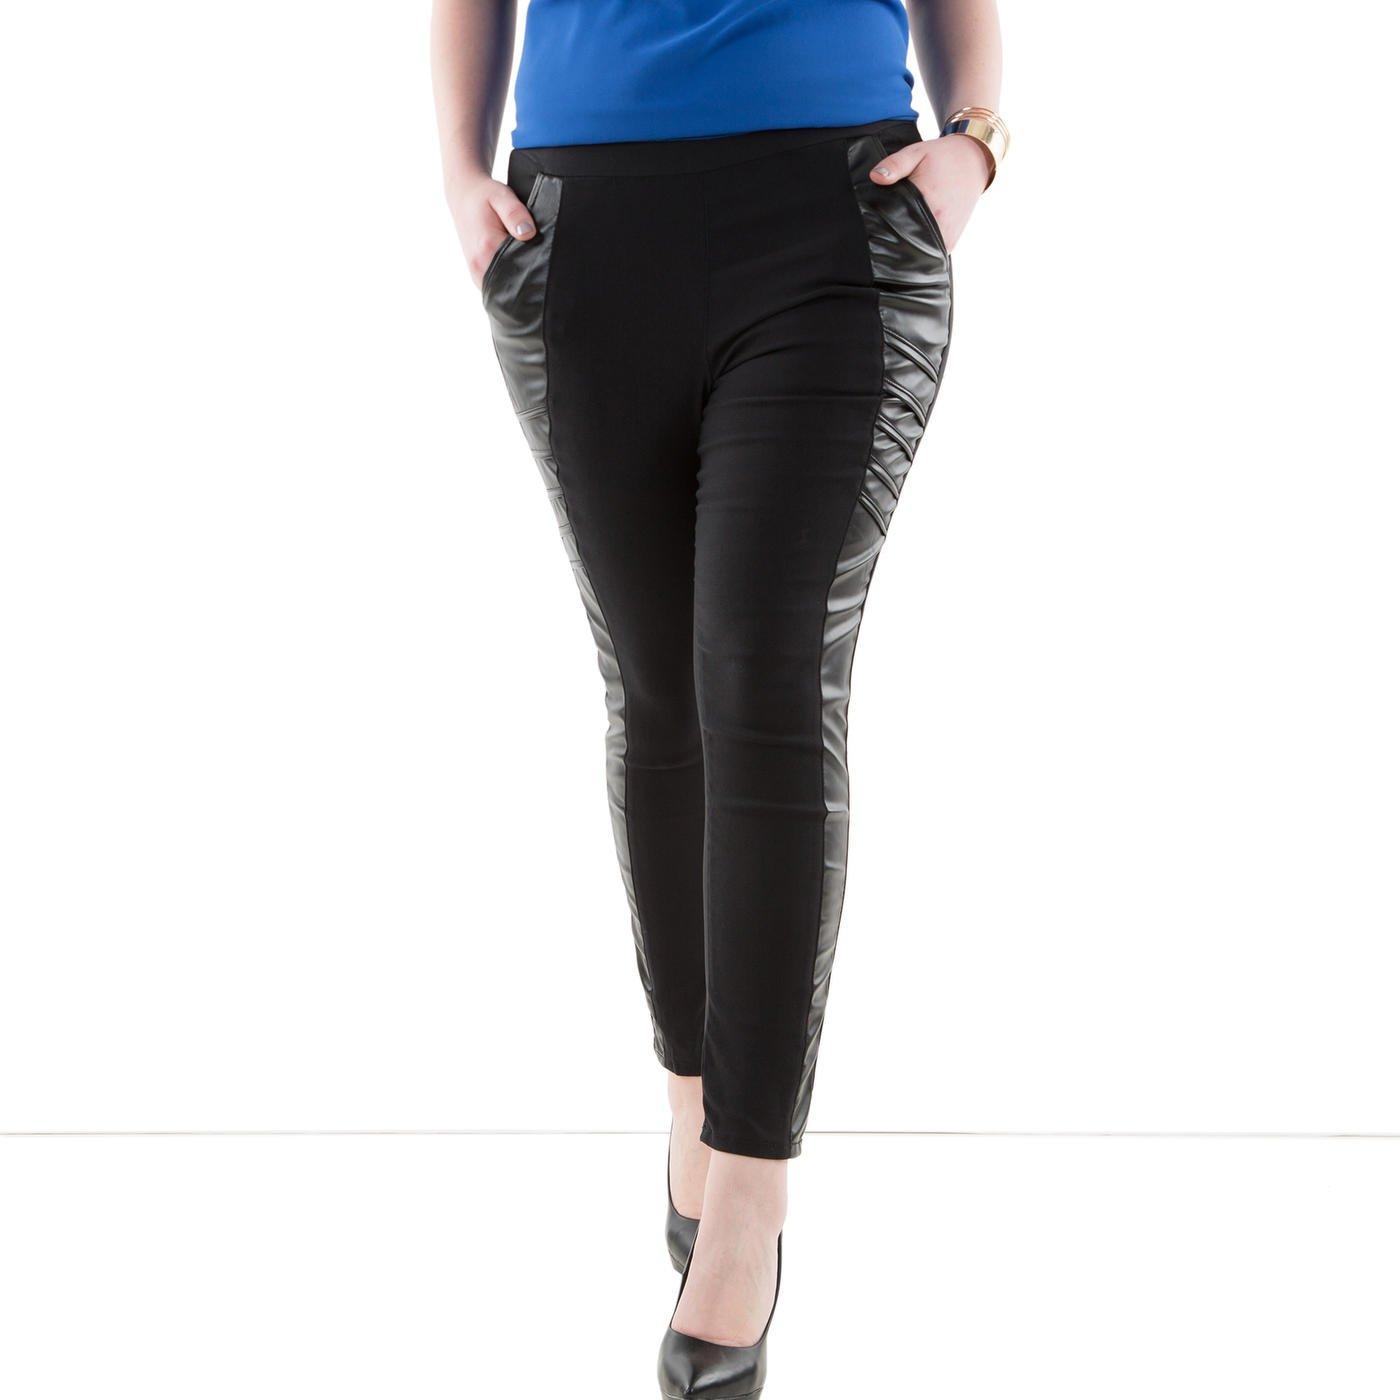 Legging femme, un vêtement agréable et confortable